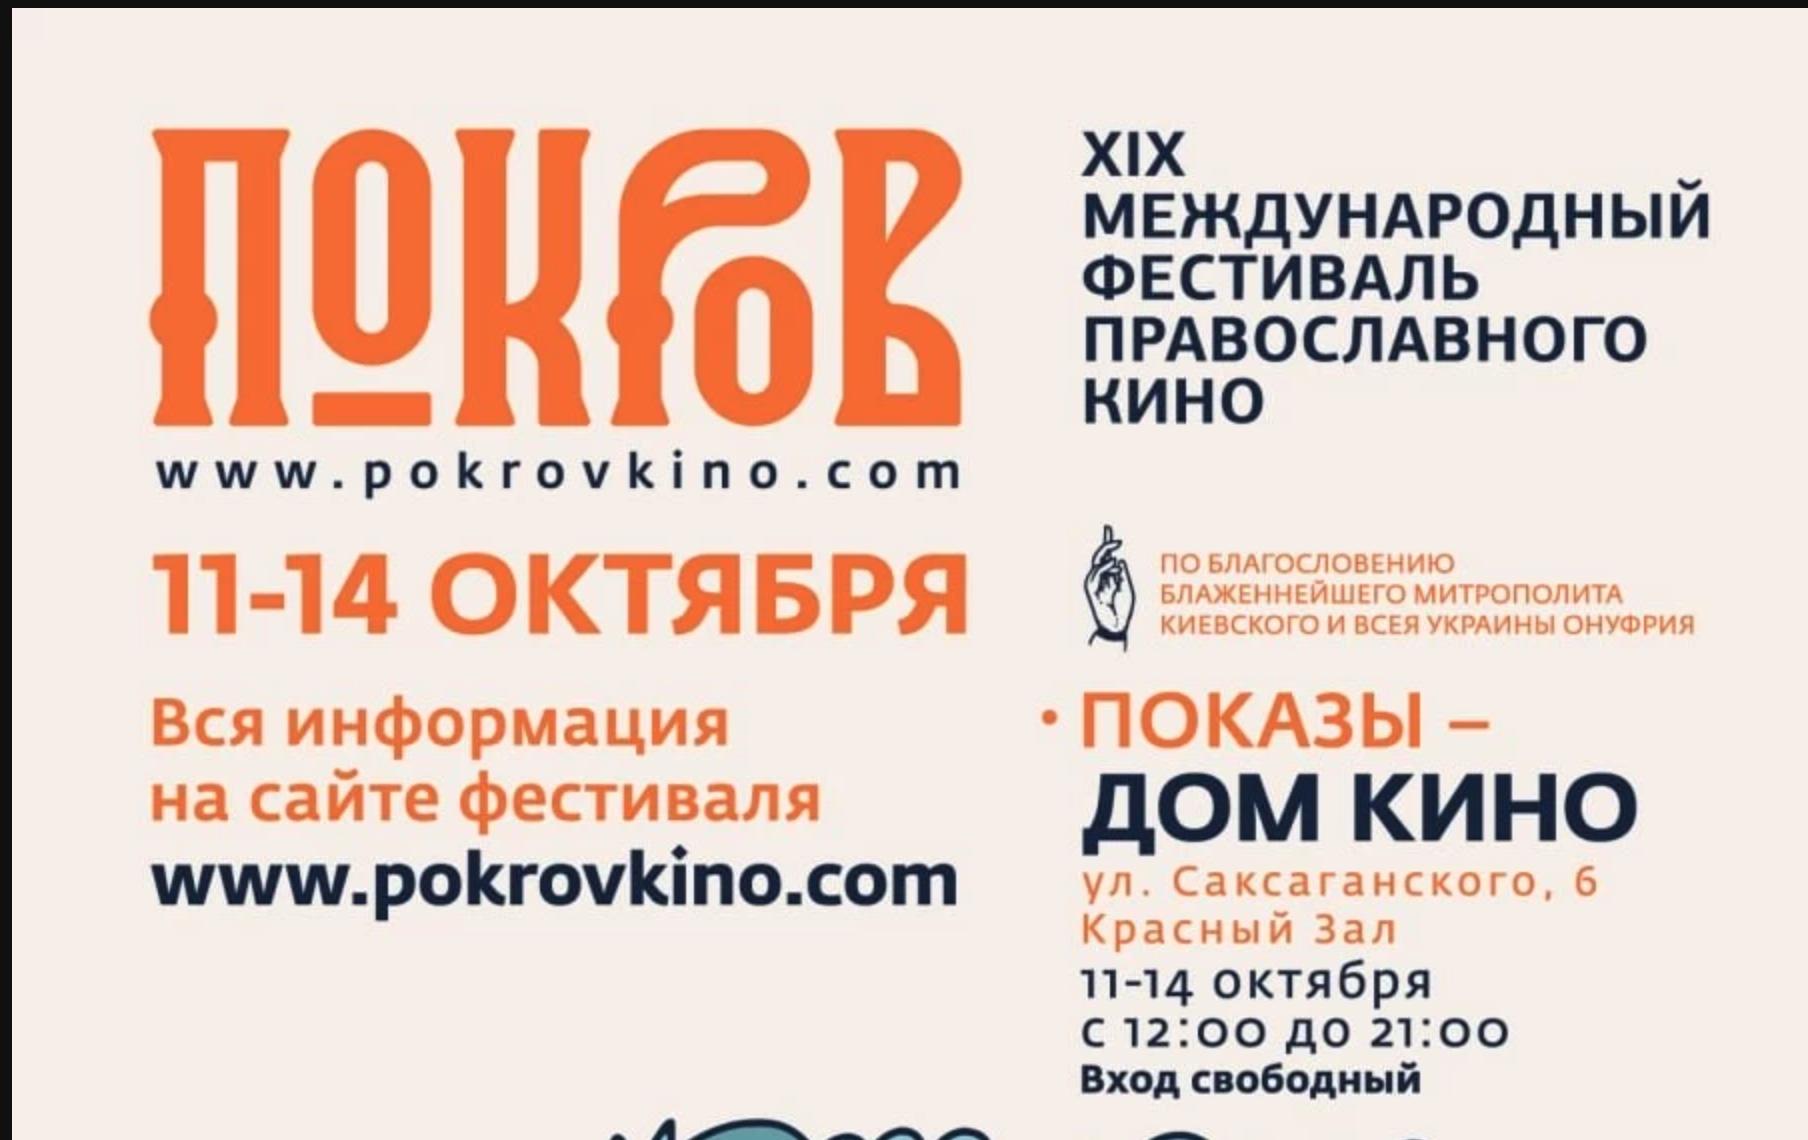 XIXe Festival international du cinéma orthodoxe à Kiev